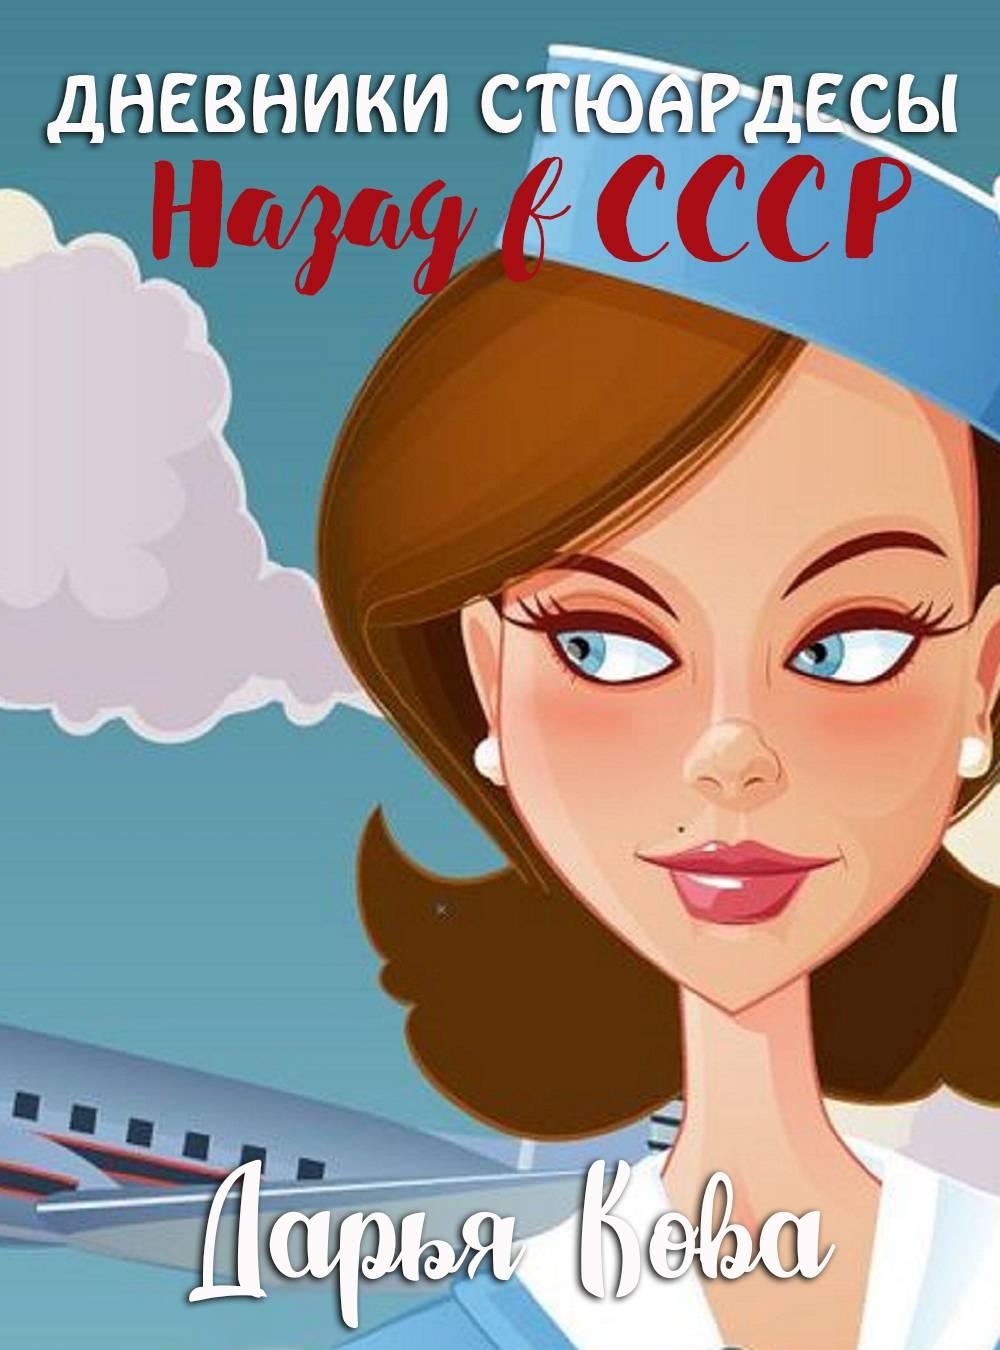 Дарья Кова Дневники стюардессы. Назад в СССР дарья кова дневники стюардессы назад в ссср